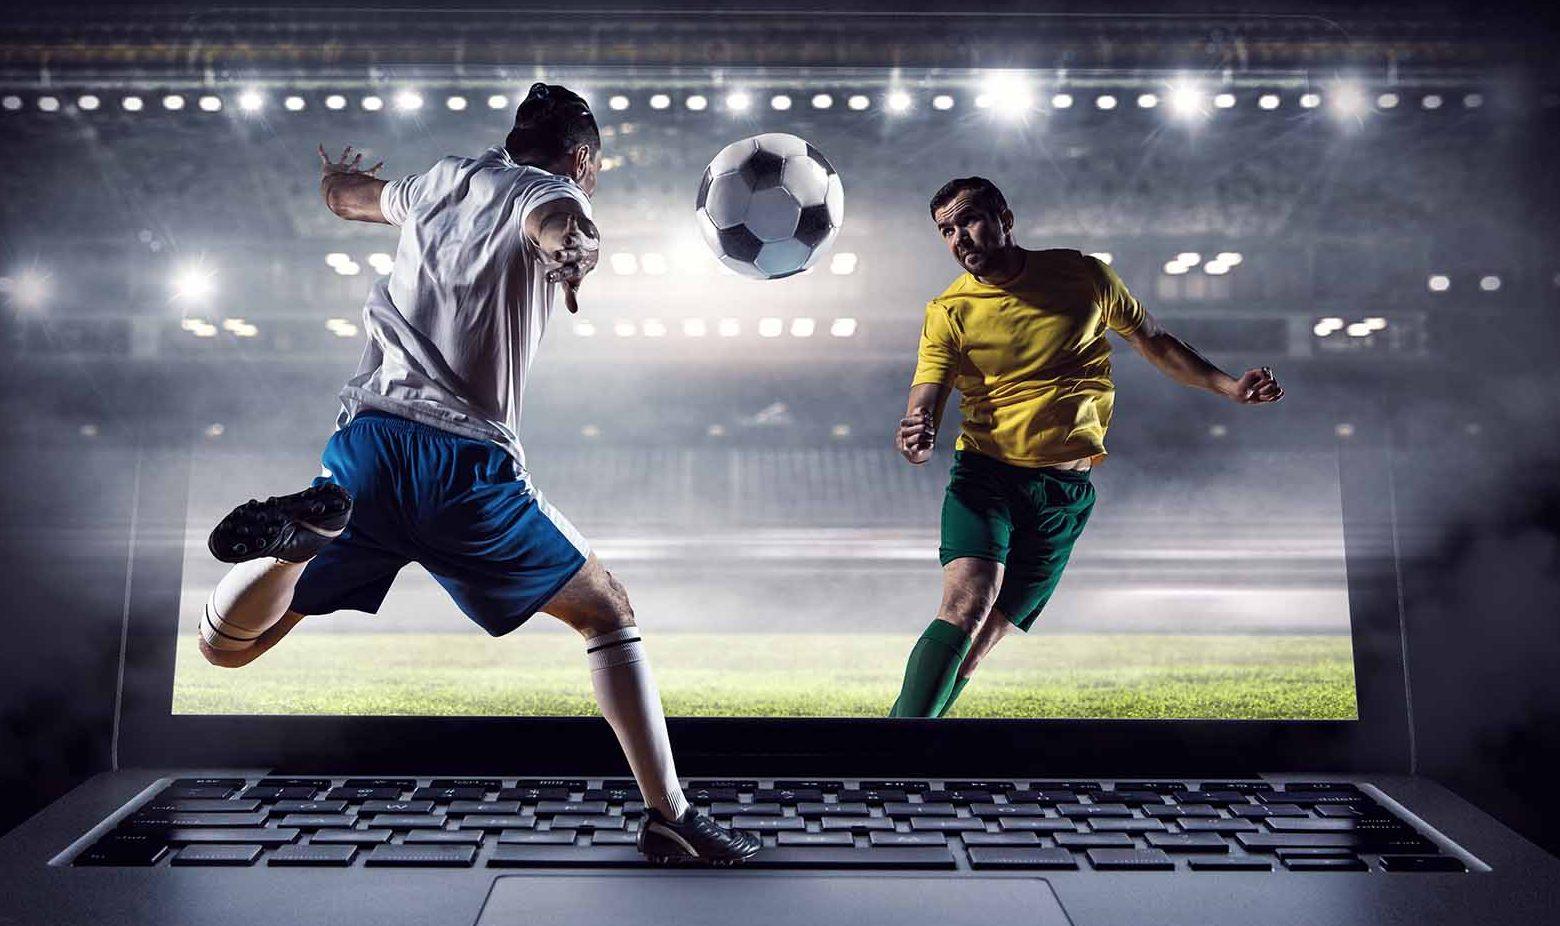 Футбольные матчи в чемпионатах всего мира